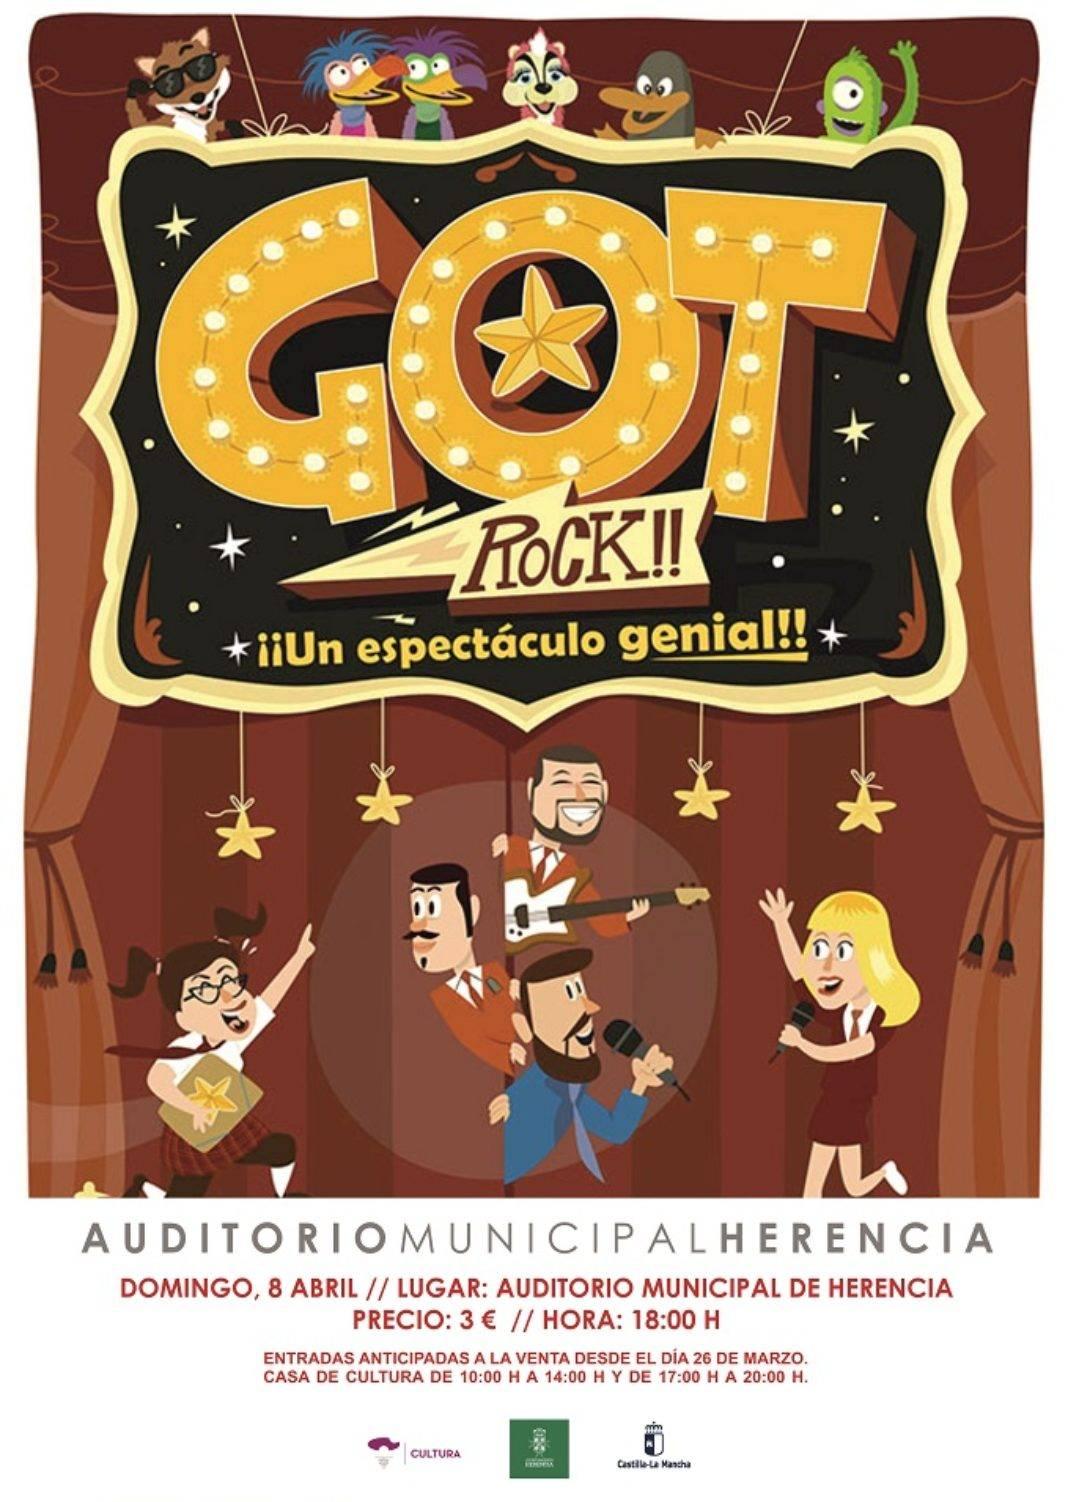 """CARTEL GOT ROCK 1068x1502 - A la venta las entradas para el espectáculo familiar """"Got Rock!"""""""